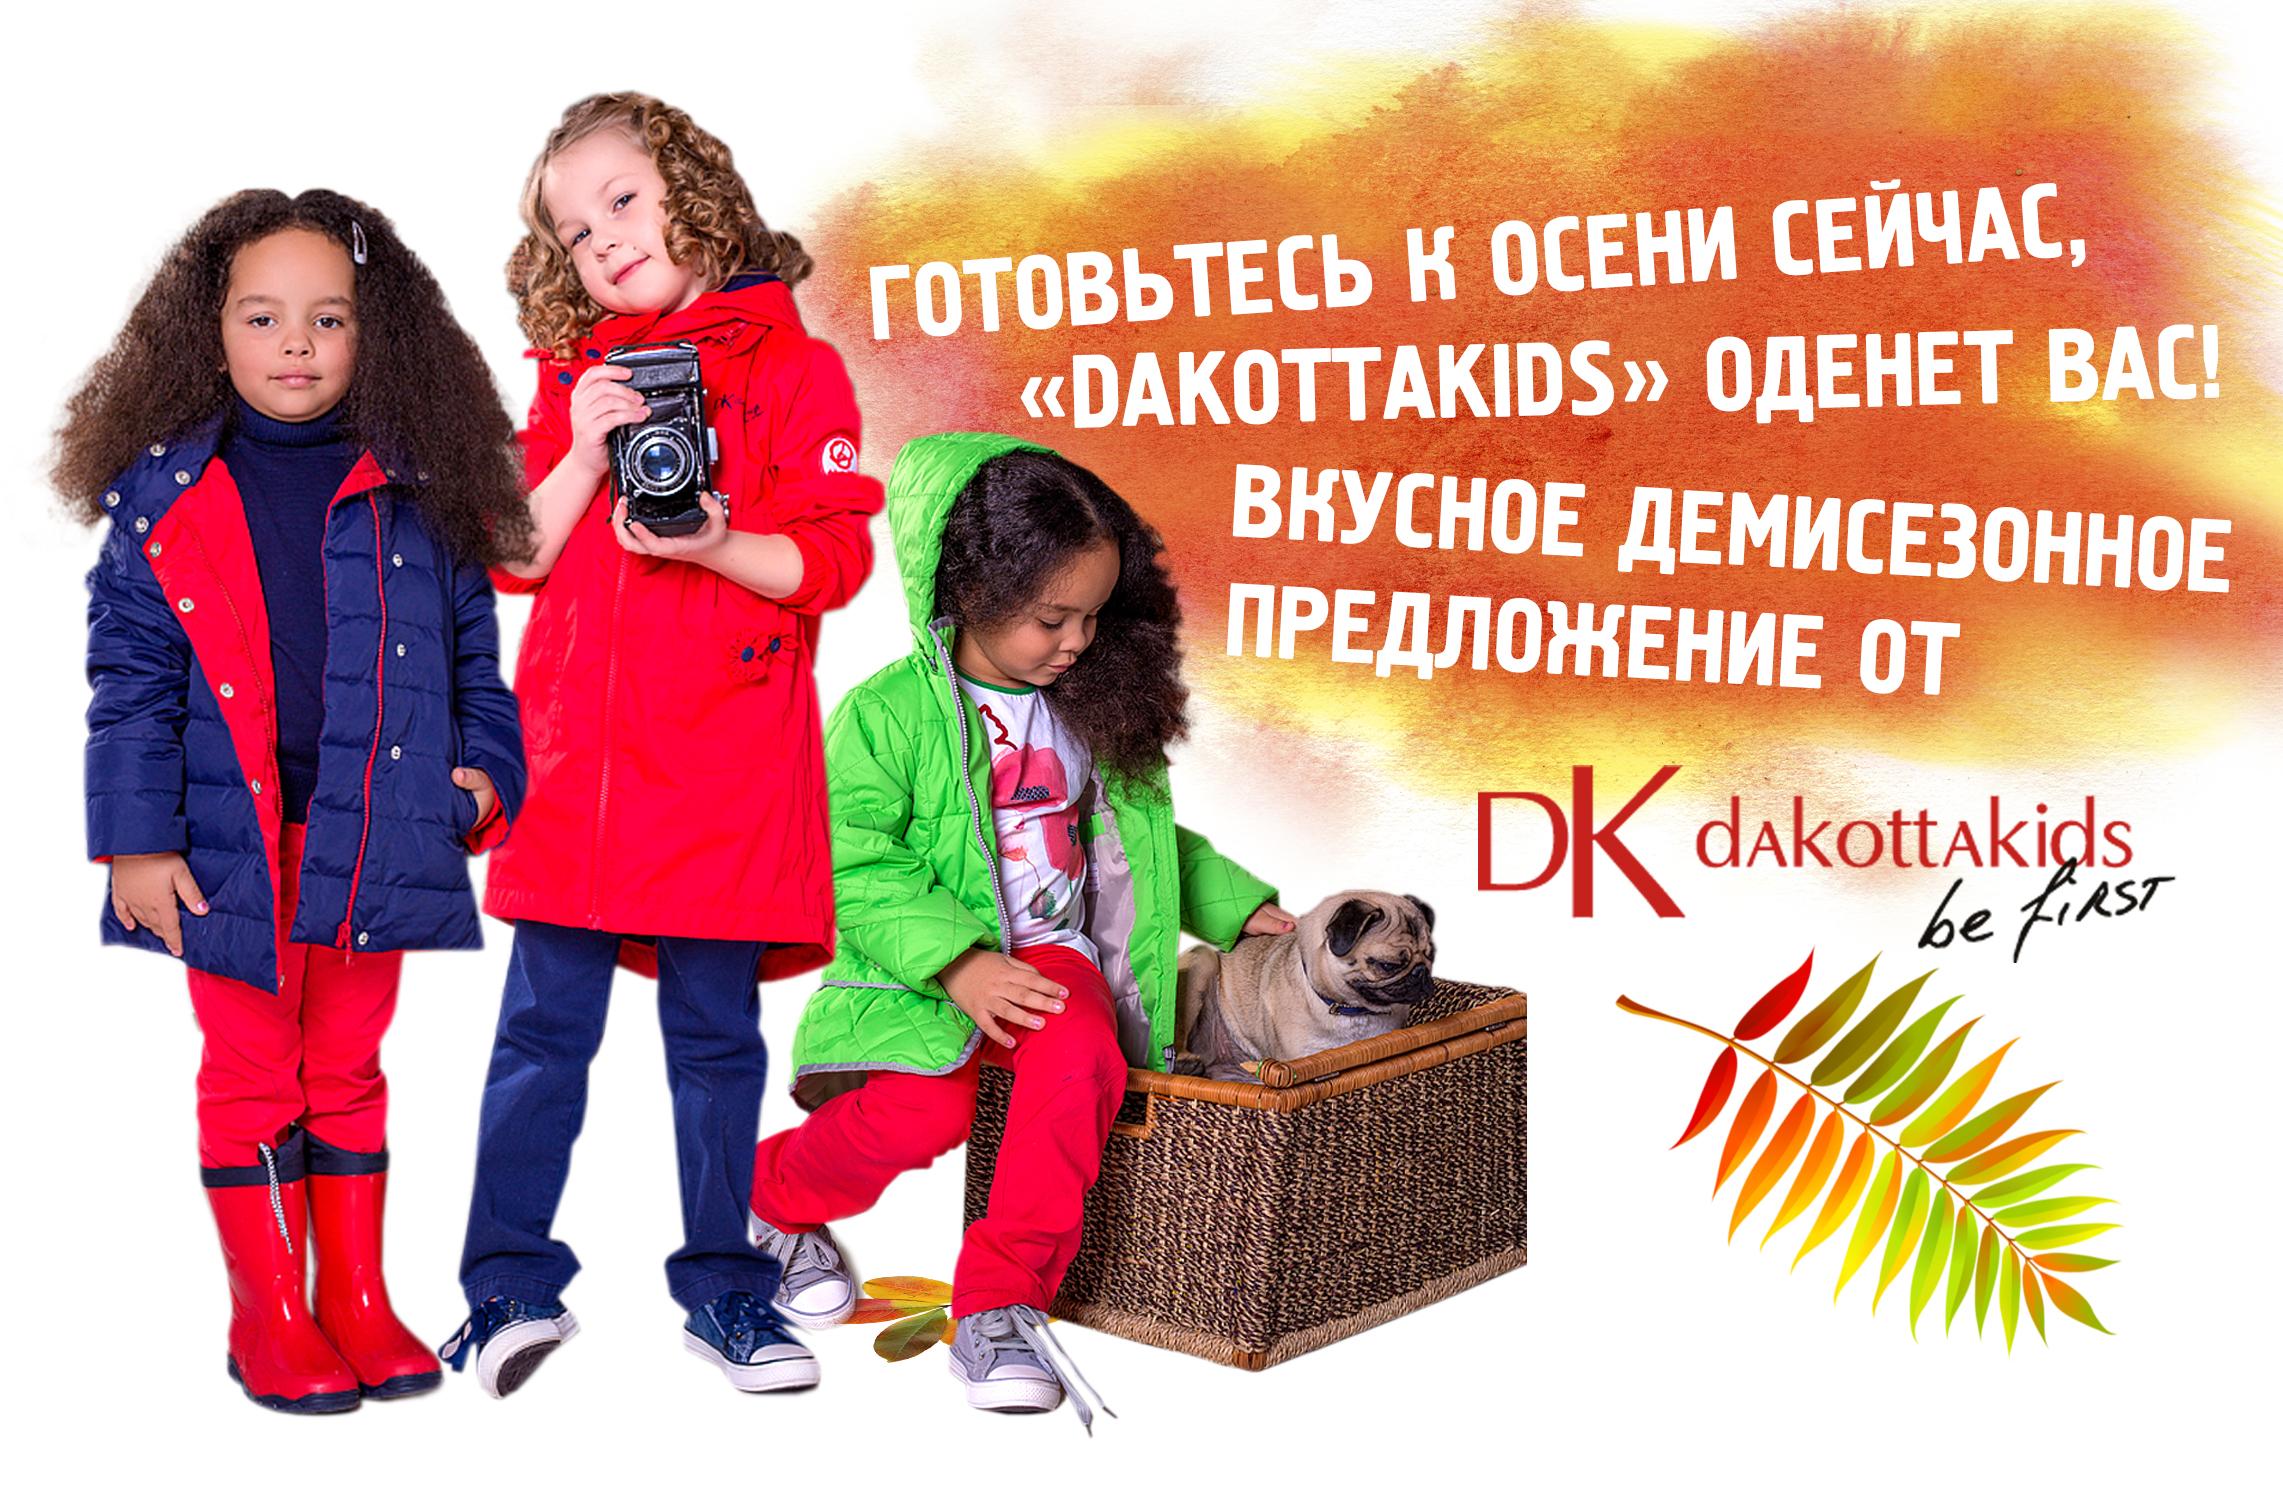 Сбор заказов. Детская одежда из США Dakottakids. Распродажа Весна-Лето 2015-2016 гг. Акция на верхнюю